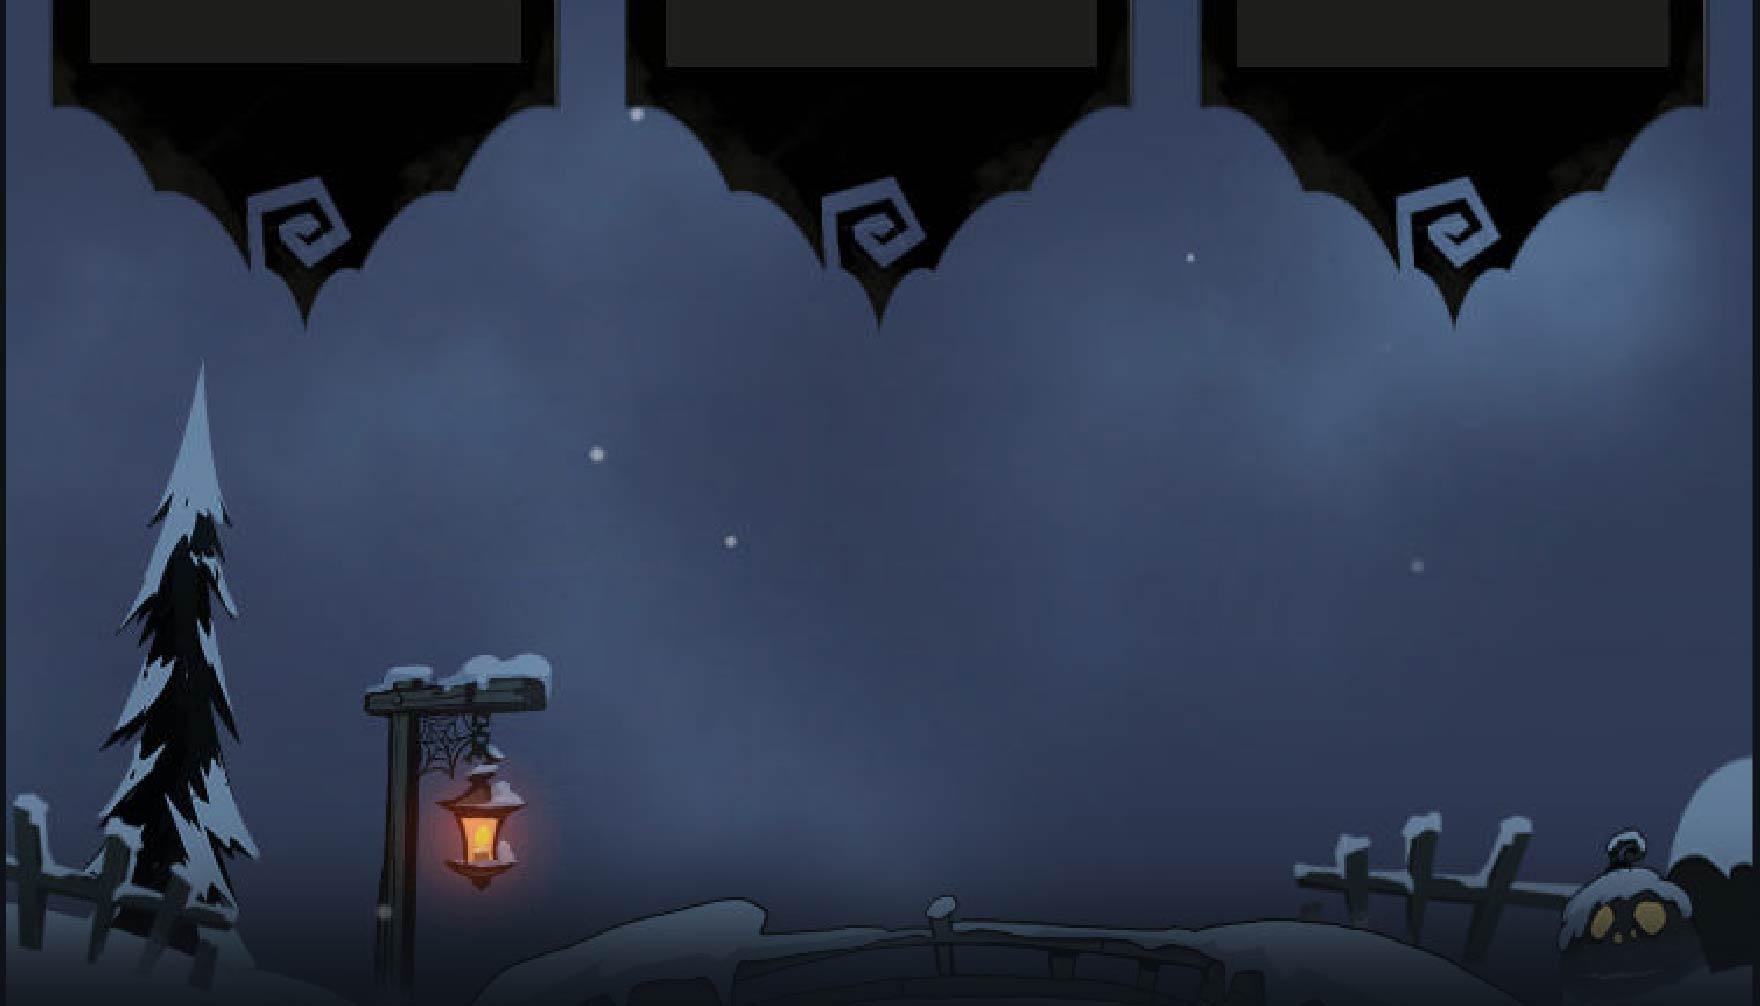 月圆之夜(3-29.jpg